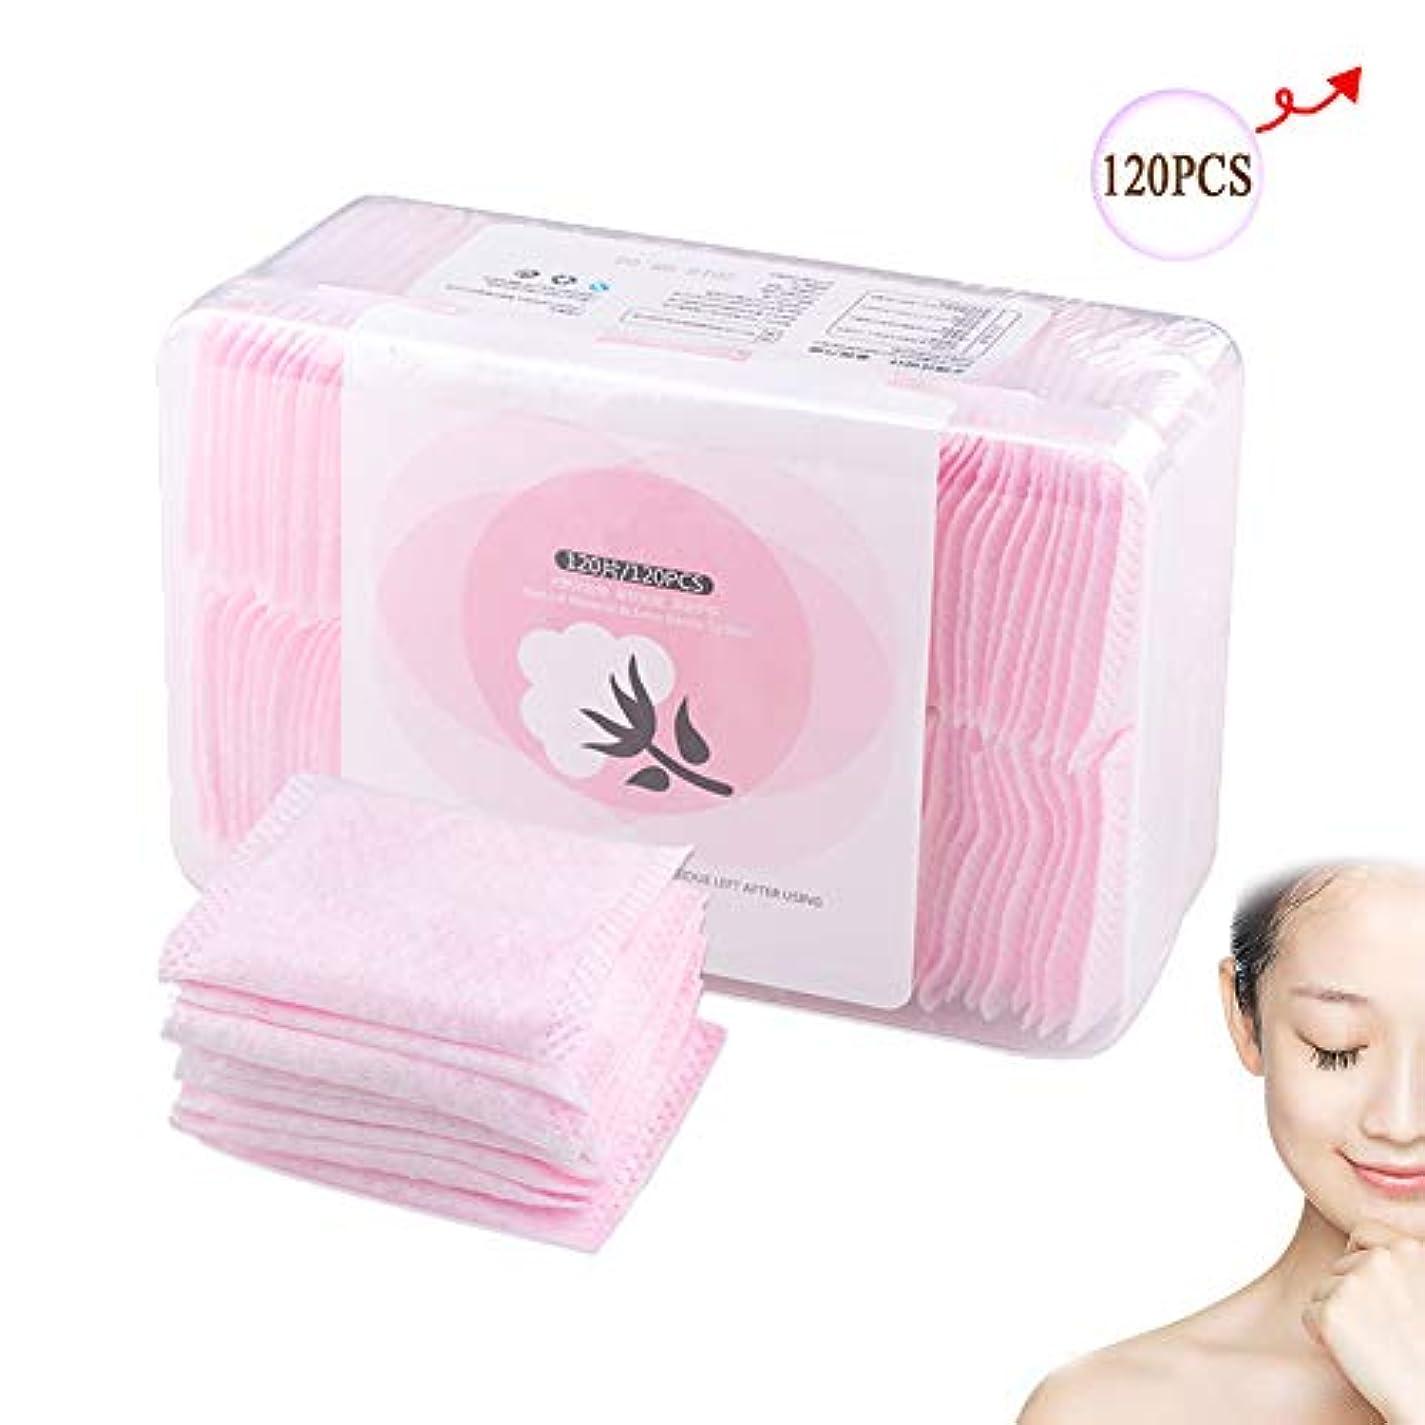 気絶させる売る図リムーバーパッド、女性用フェイスパッド/アイパッド/リップスパッド用の薄いクリーニングパッドフリーワイプ